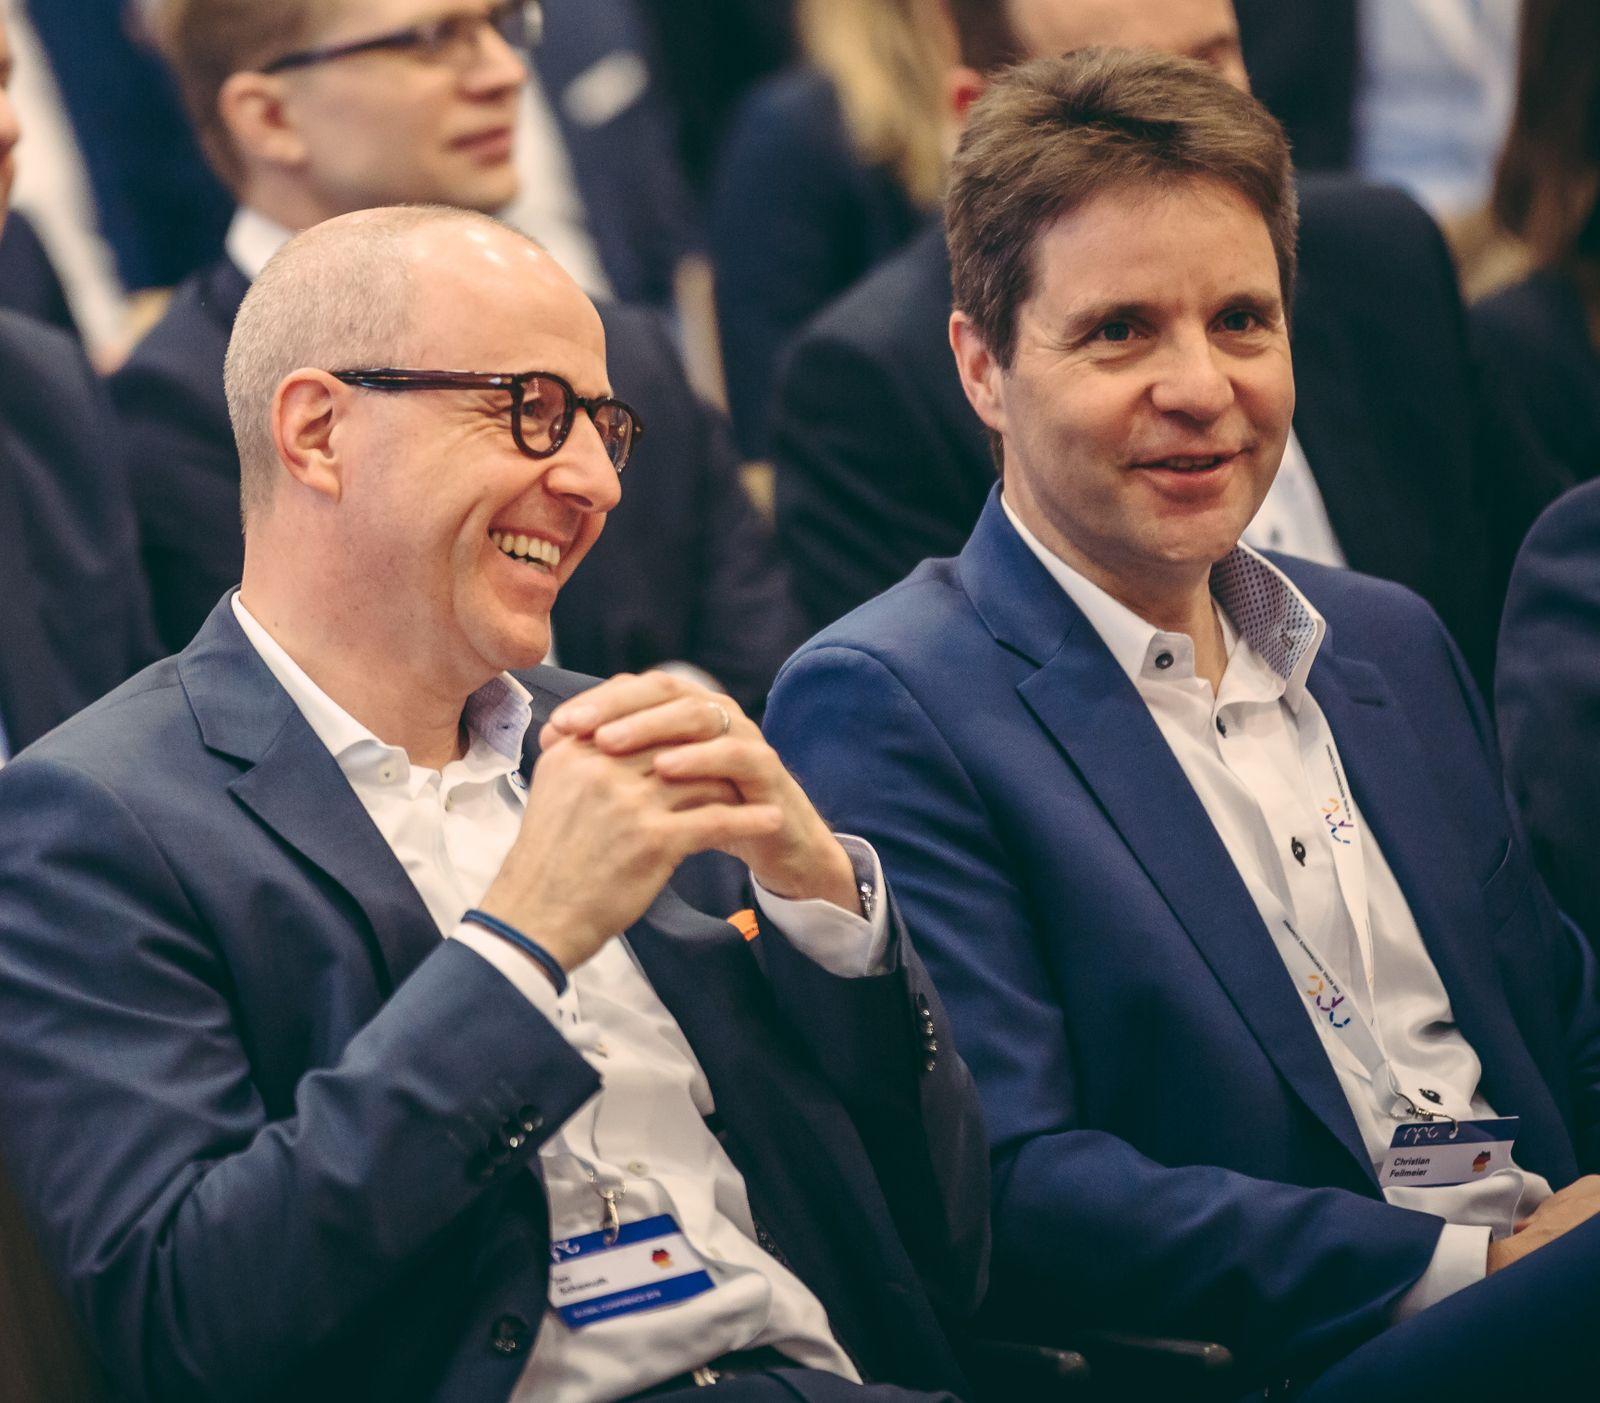 rpc Global Conference 2018 - Saalfelden - Brandelhof - Ben Gierig - Fotografie